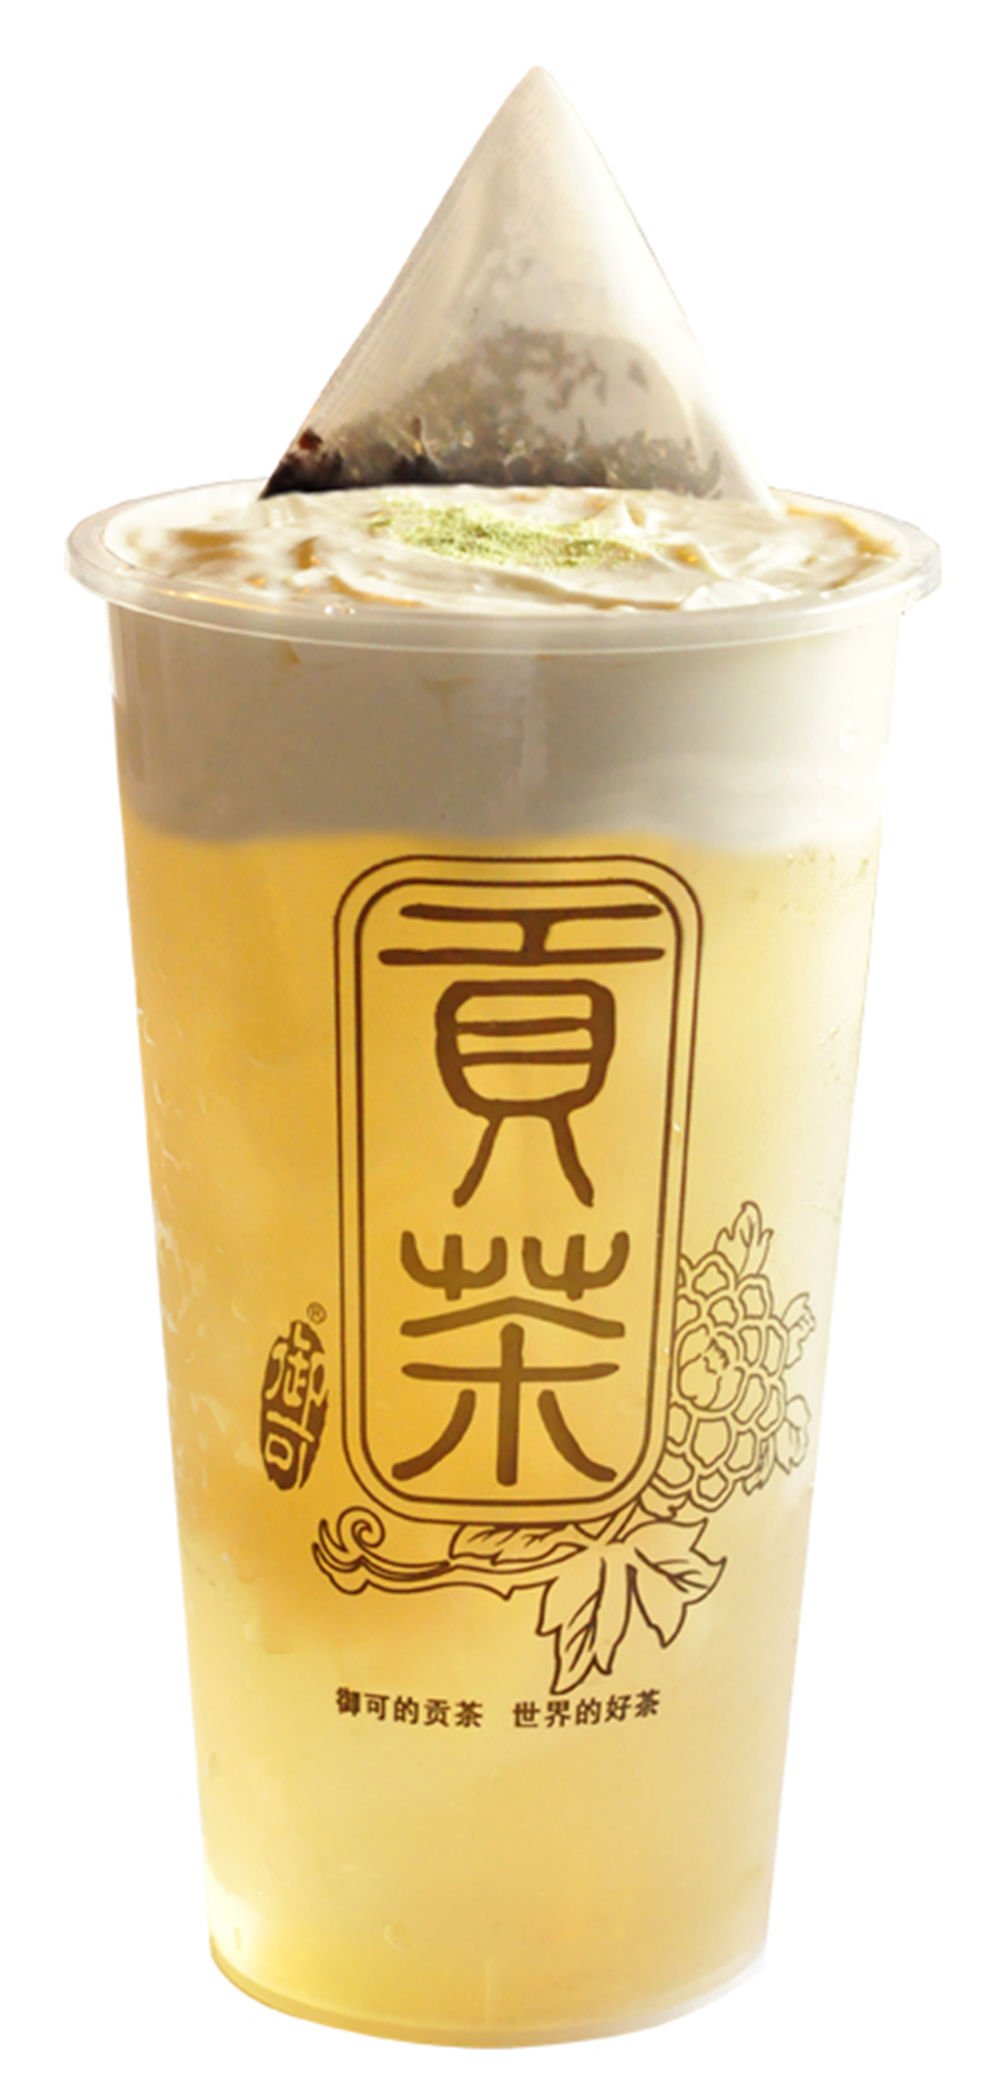 【新品贡茶】白桃爱玉奶盖茶